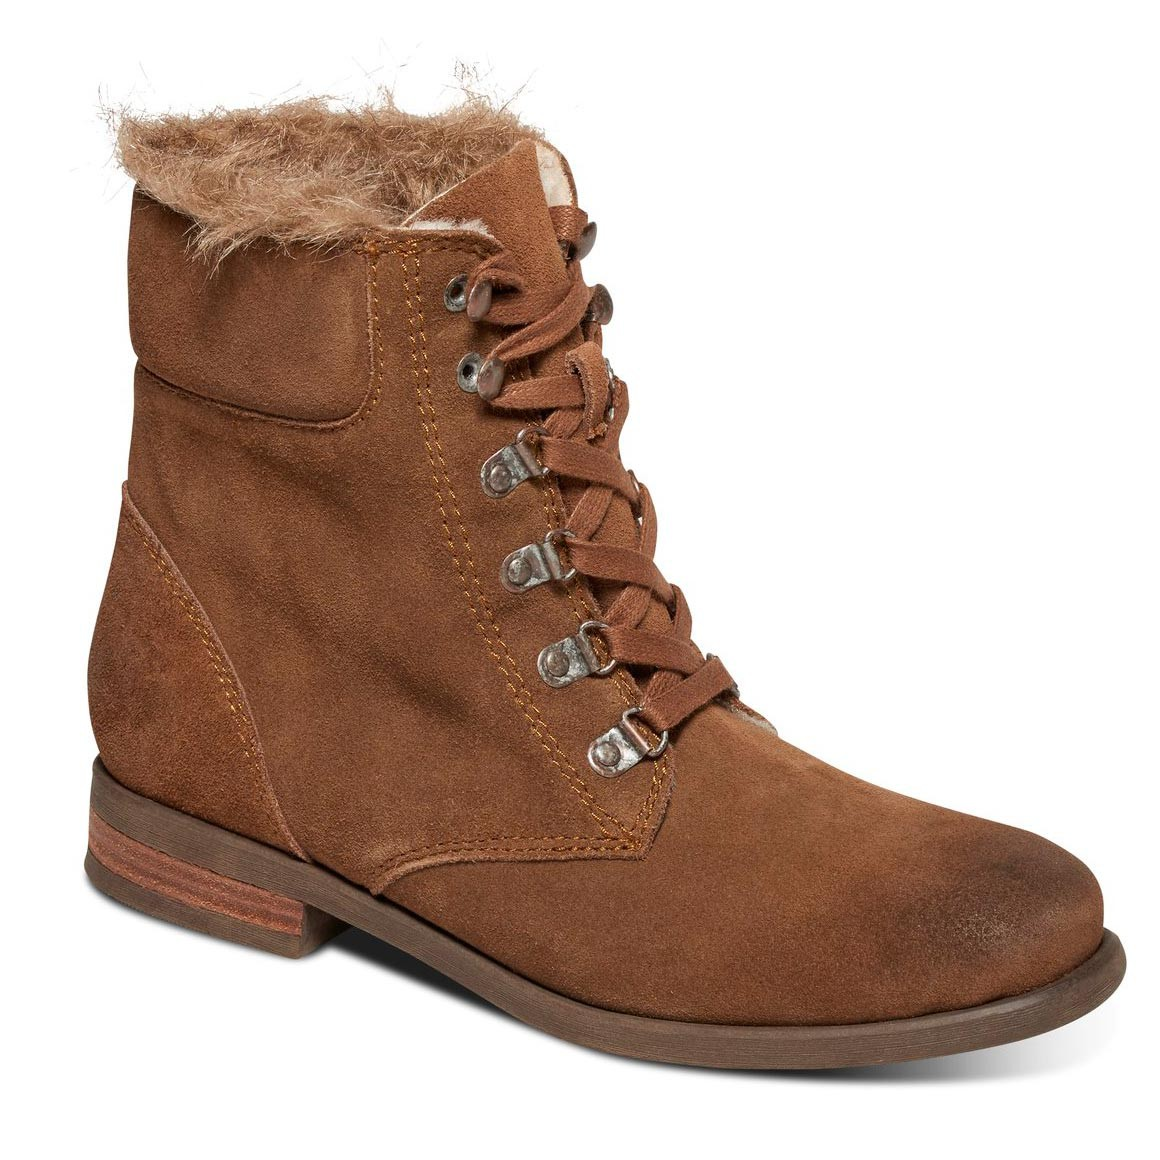 Zimní boty Roxy Bromley tan